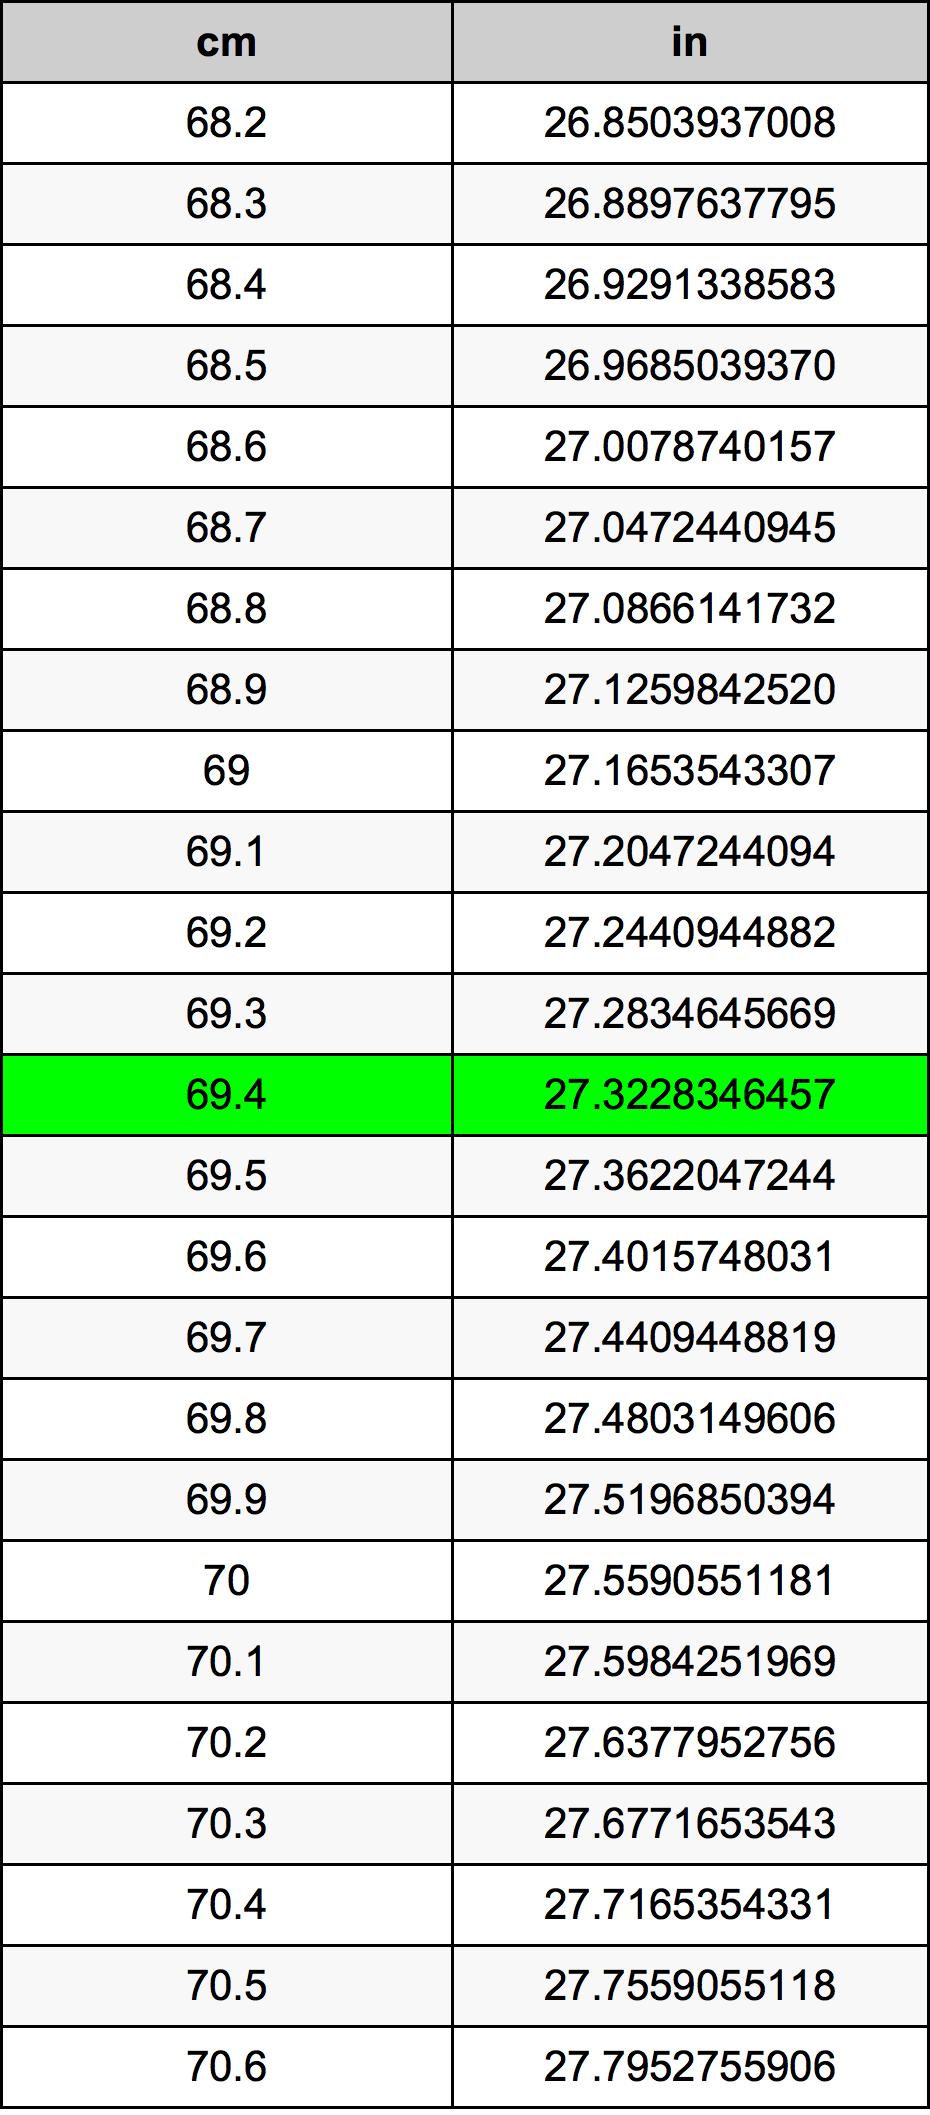 69.4 সেনটিমিটার রূপান্তর ছক